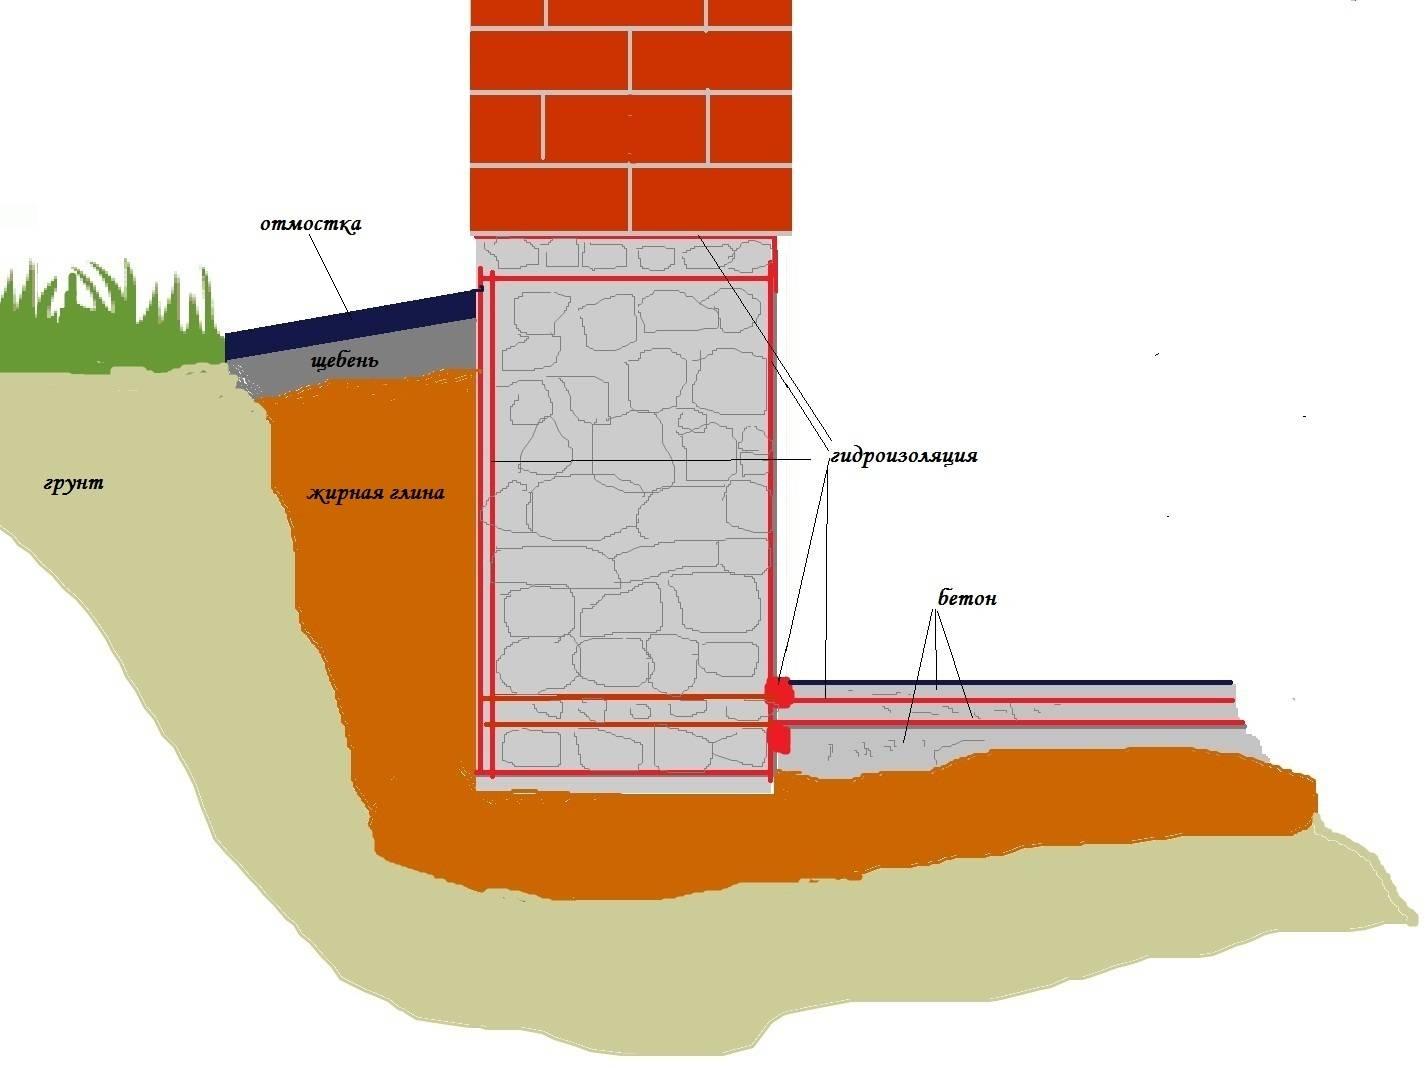 Надежная гидроизоляция фундамента своими руками. защита фундаментов от коррозии, промерзания и разрушения чем обрабатывать фундамент от воды